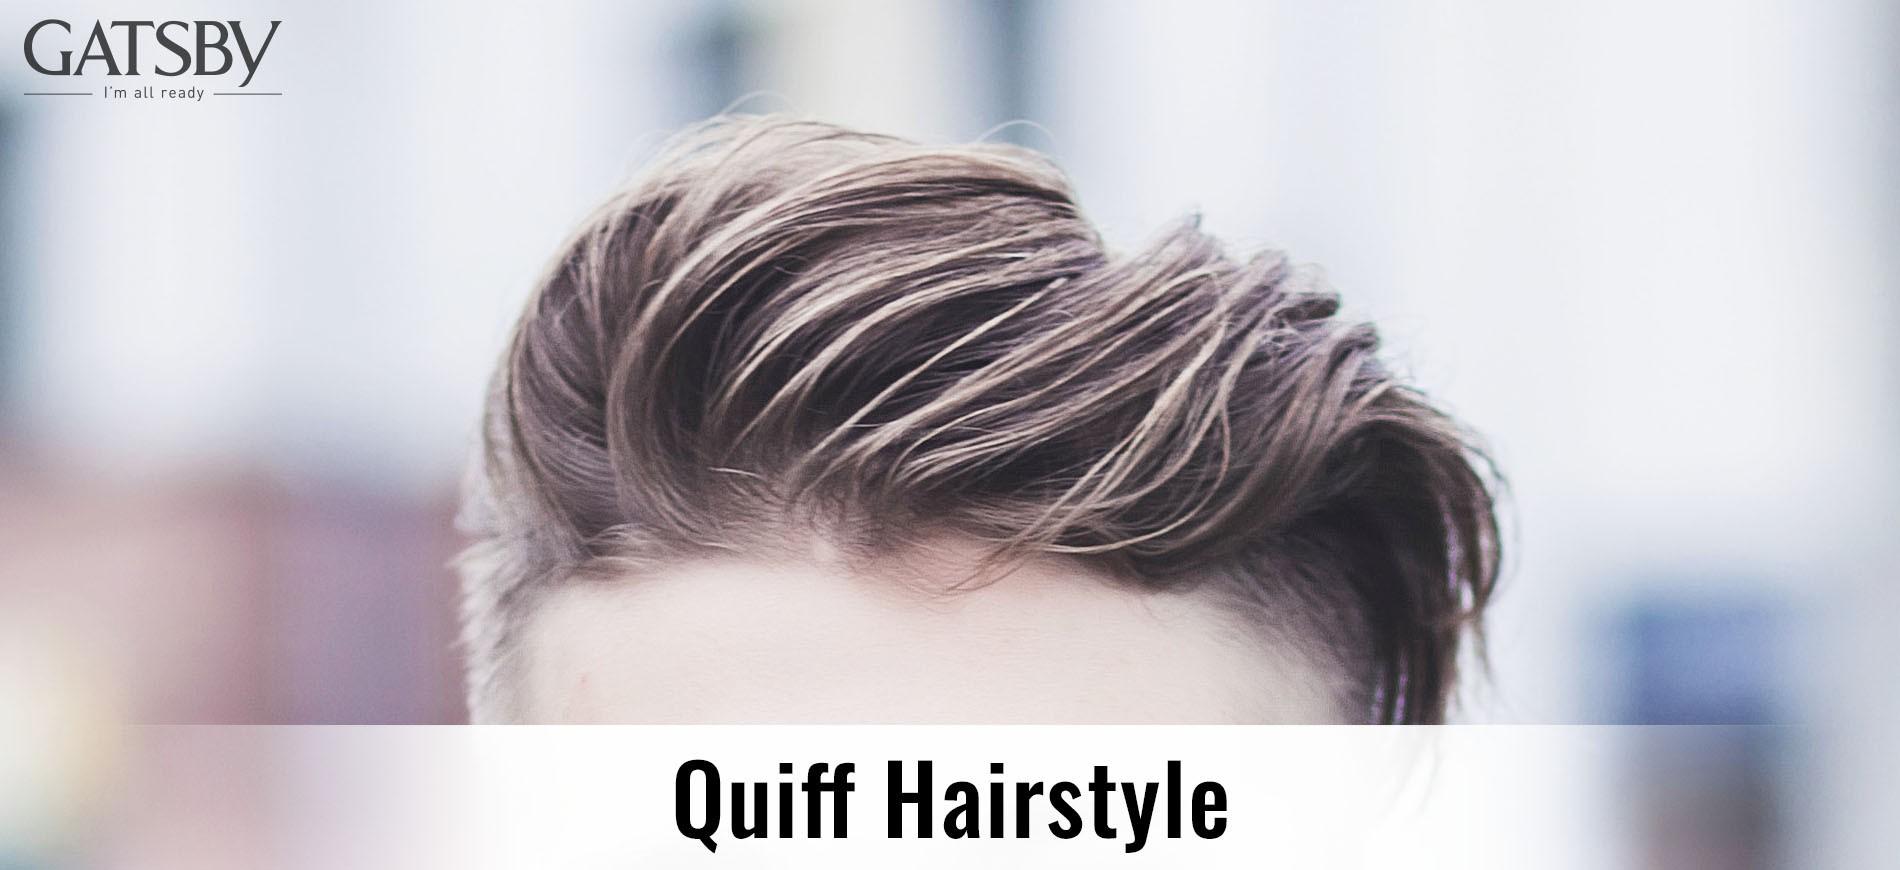 GATSBY Quiff Hairstyle Banner